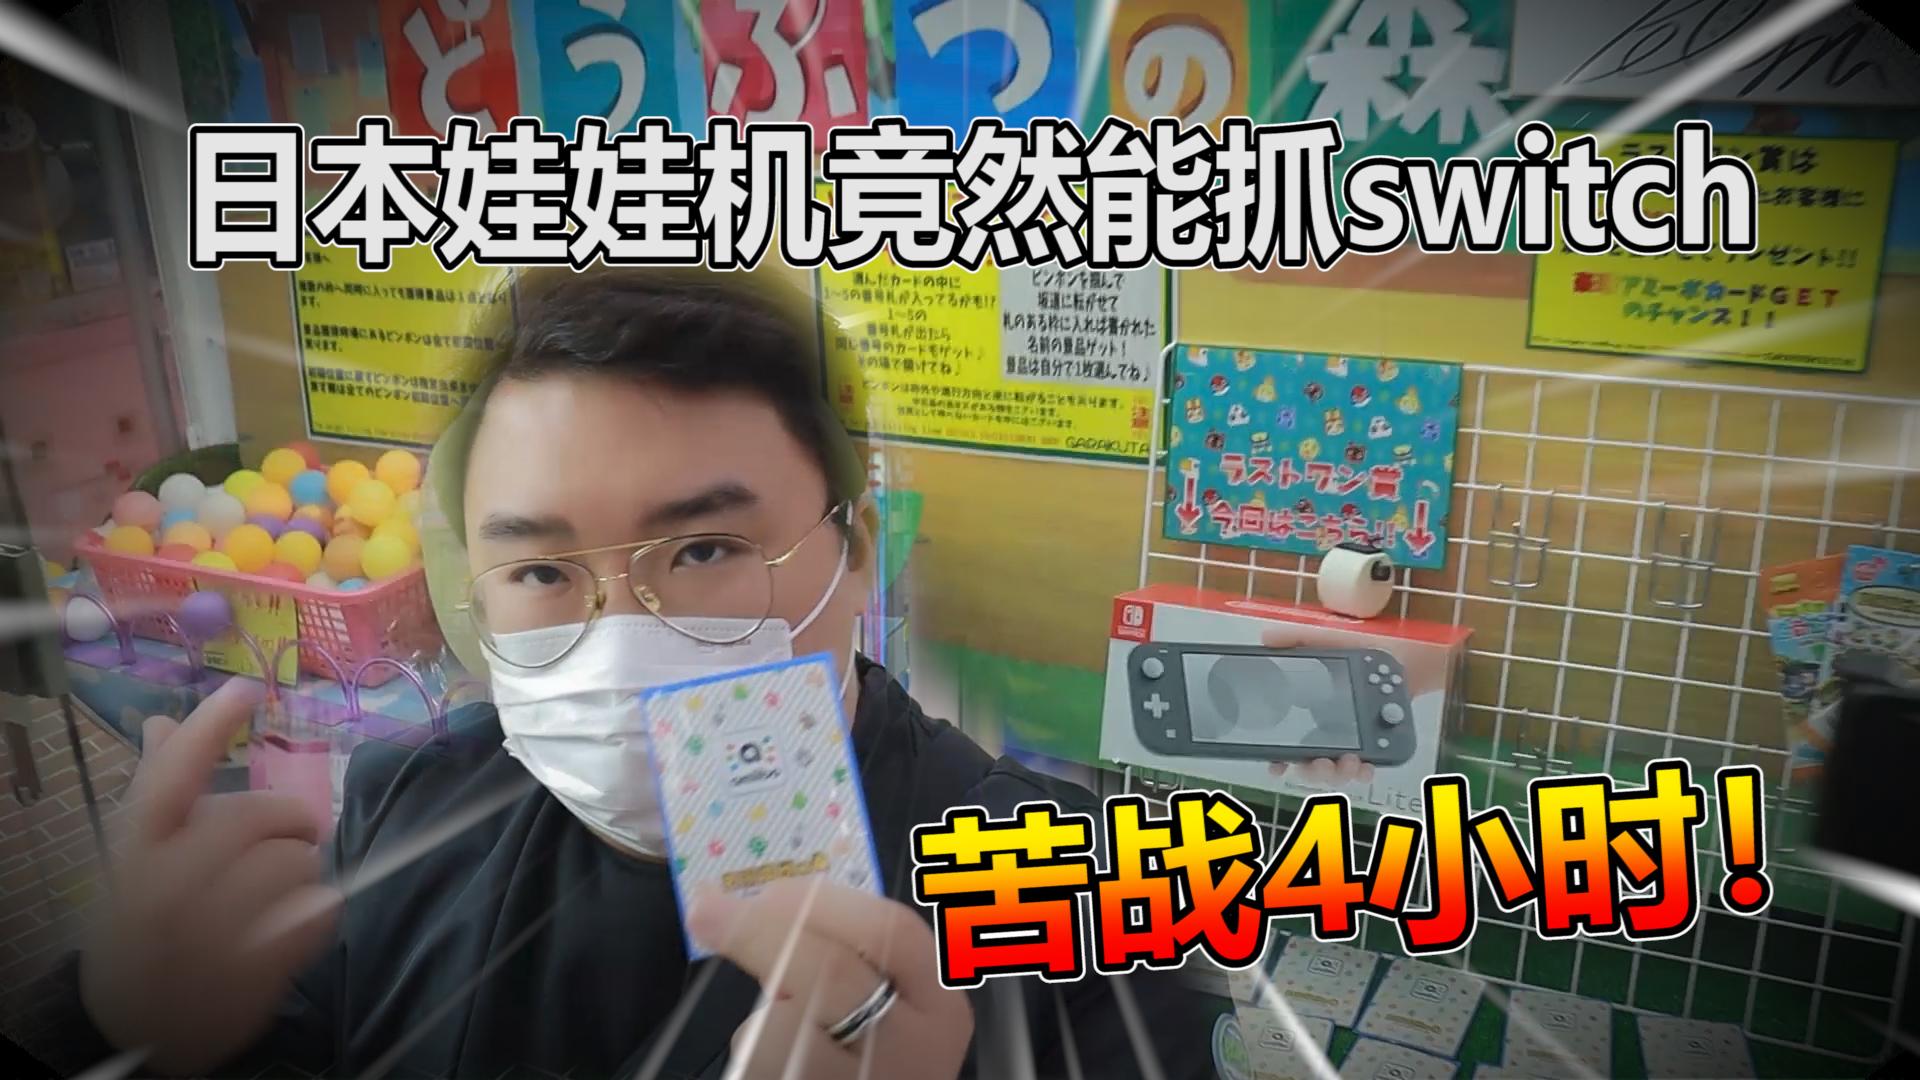 日本娃娃机竟然能抓switch!苦战4小时能抓下来吗!